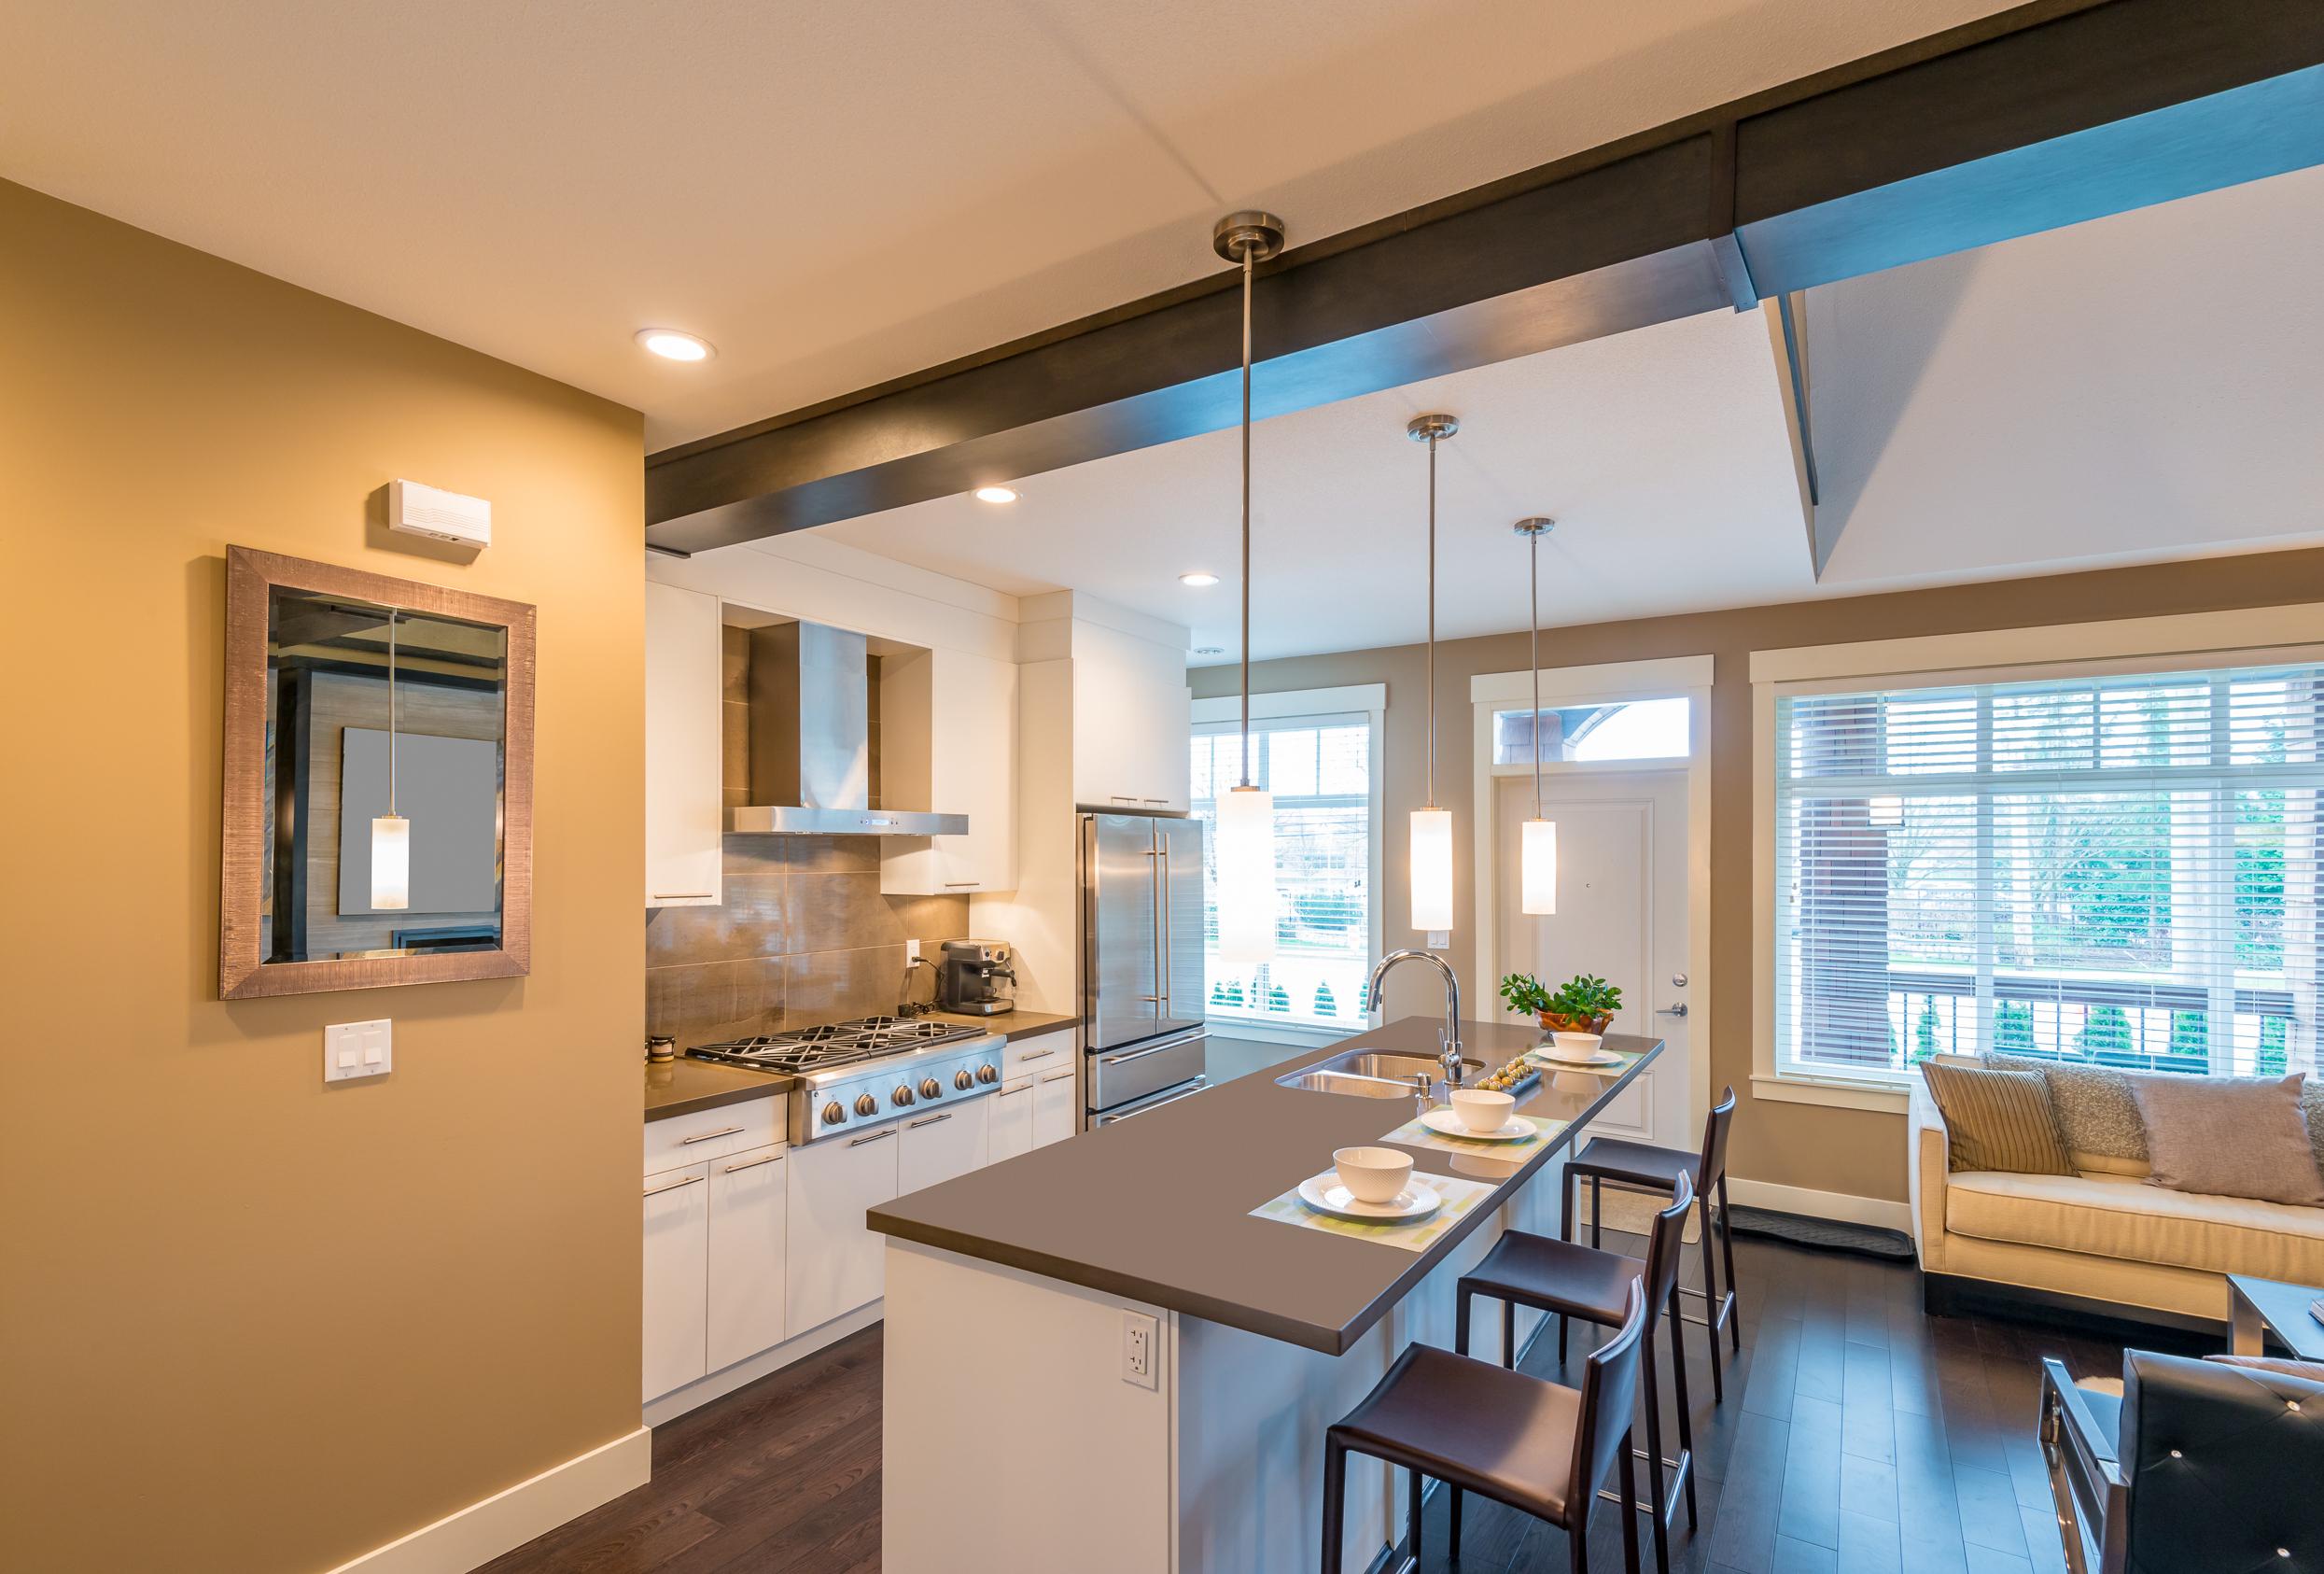 bigstock-Modern-bright-clean-kitchen-81610835.jpg